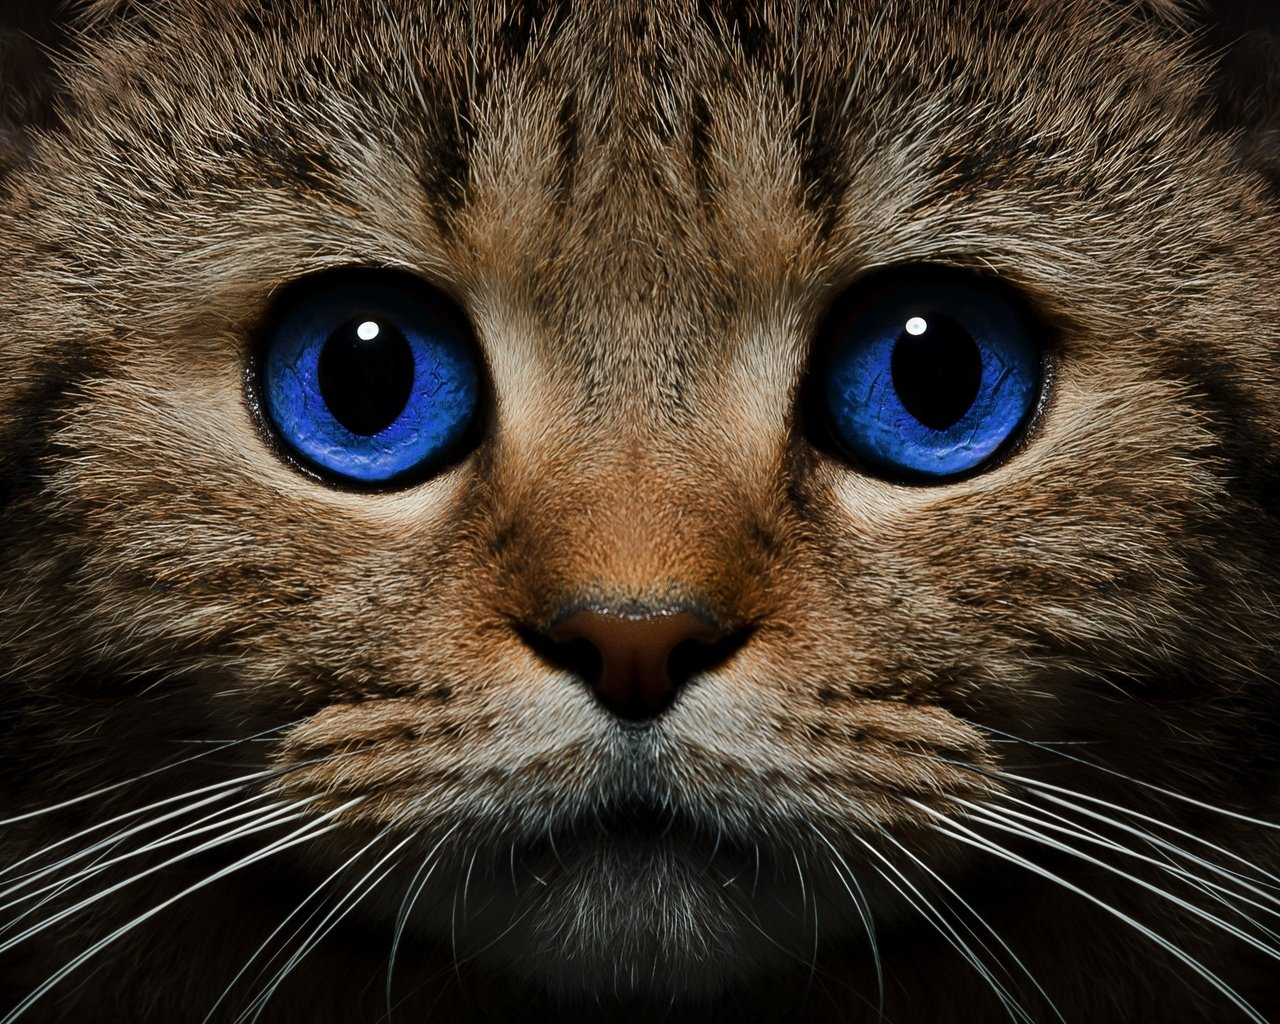 кот с синими глазами